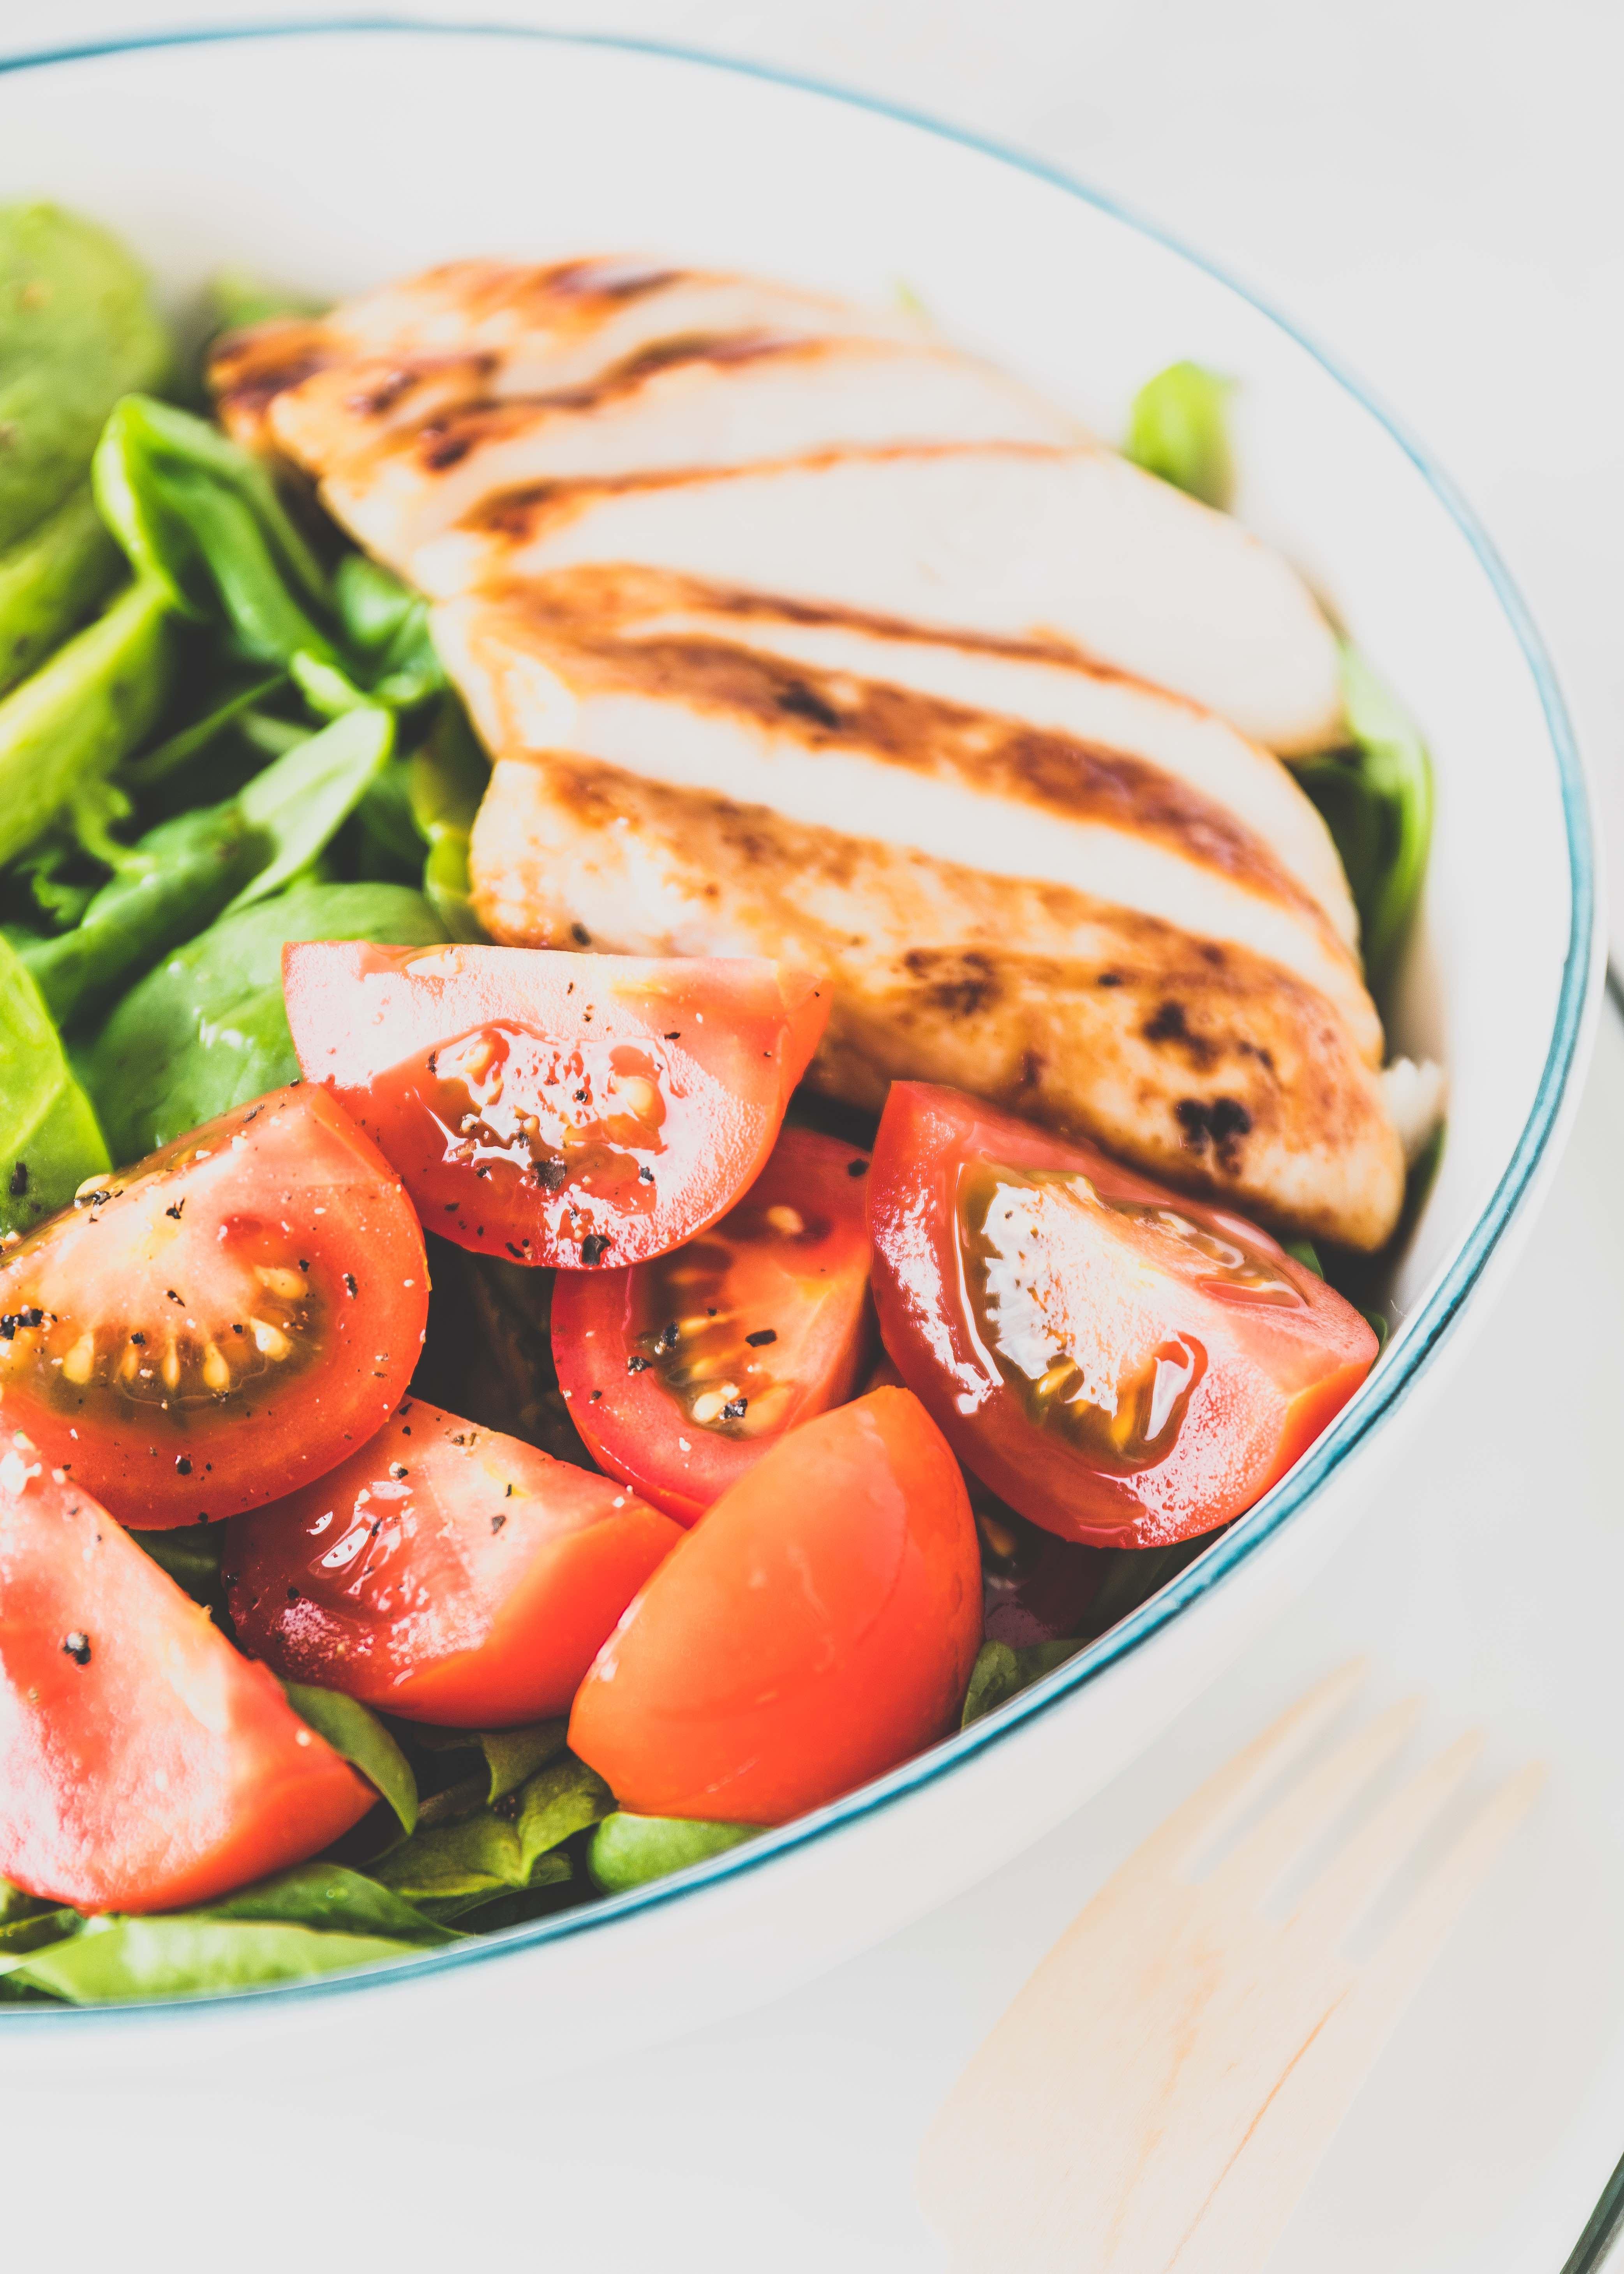 (Werbung) Hähnchen Bowl mit Hähnchen Brustfilet und griechischem Joghurt Dip Mittagessen Essen lecker gesund #lunch #salad #salat #bowl #Joghurt | Emma´s Lieblingsstücke